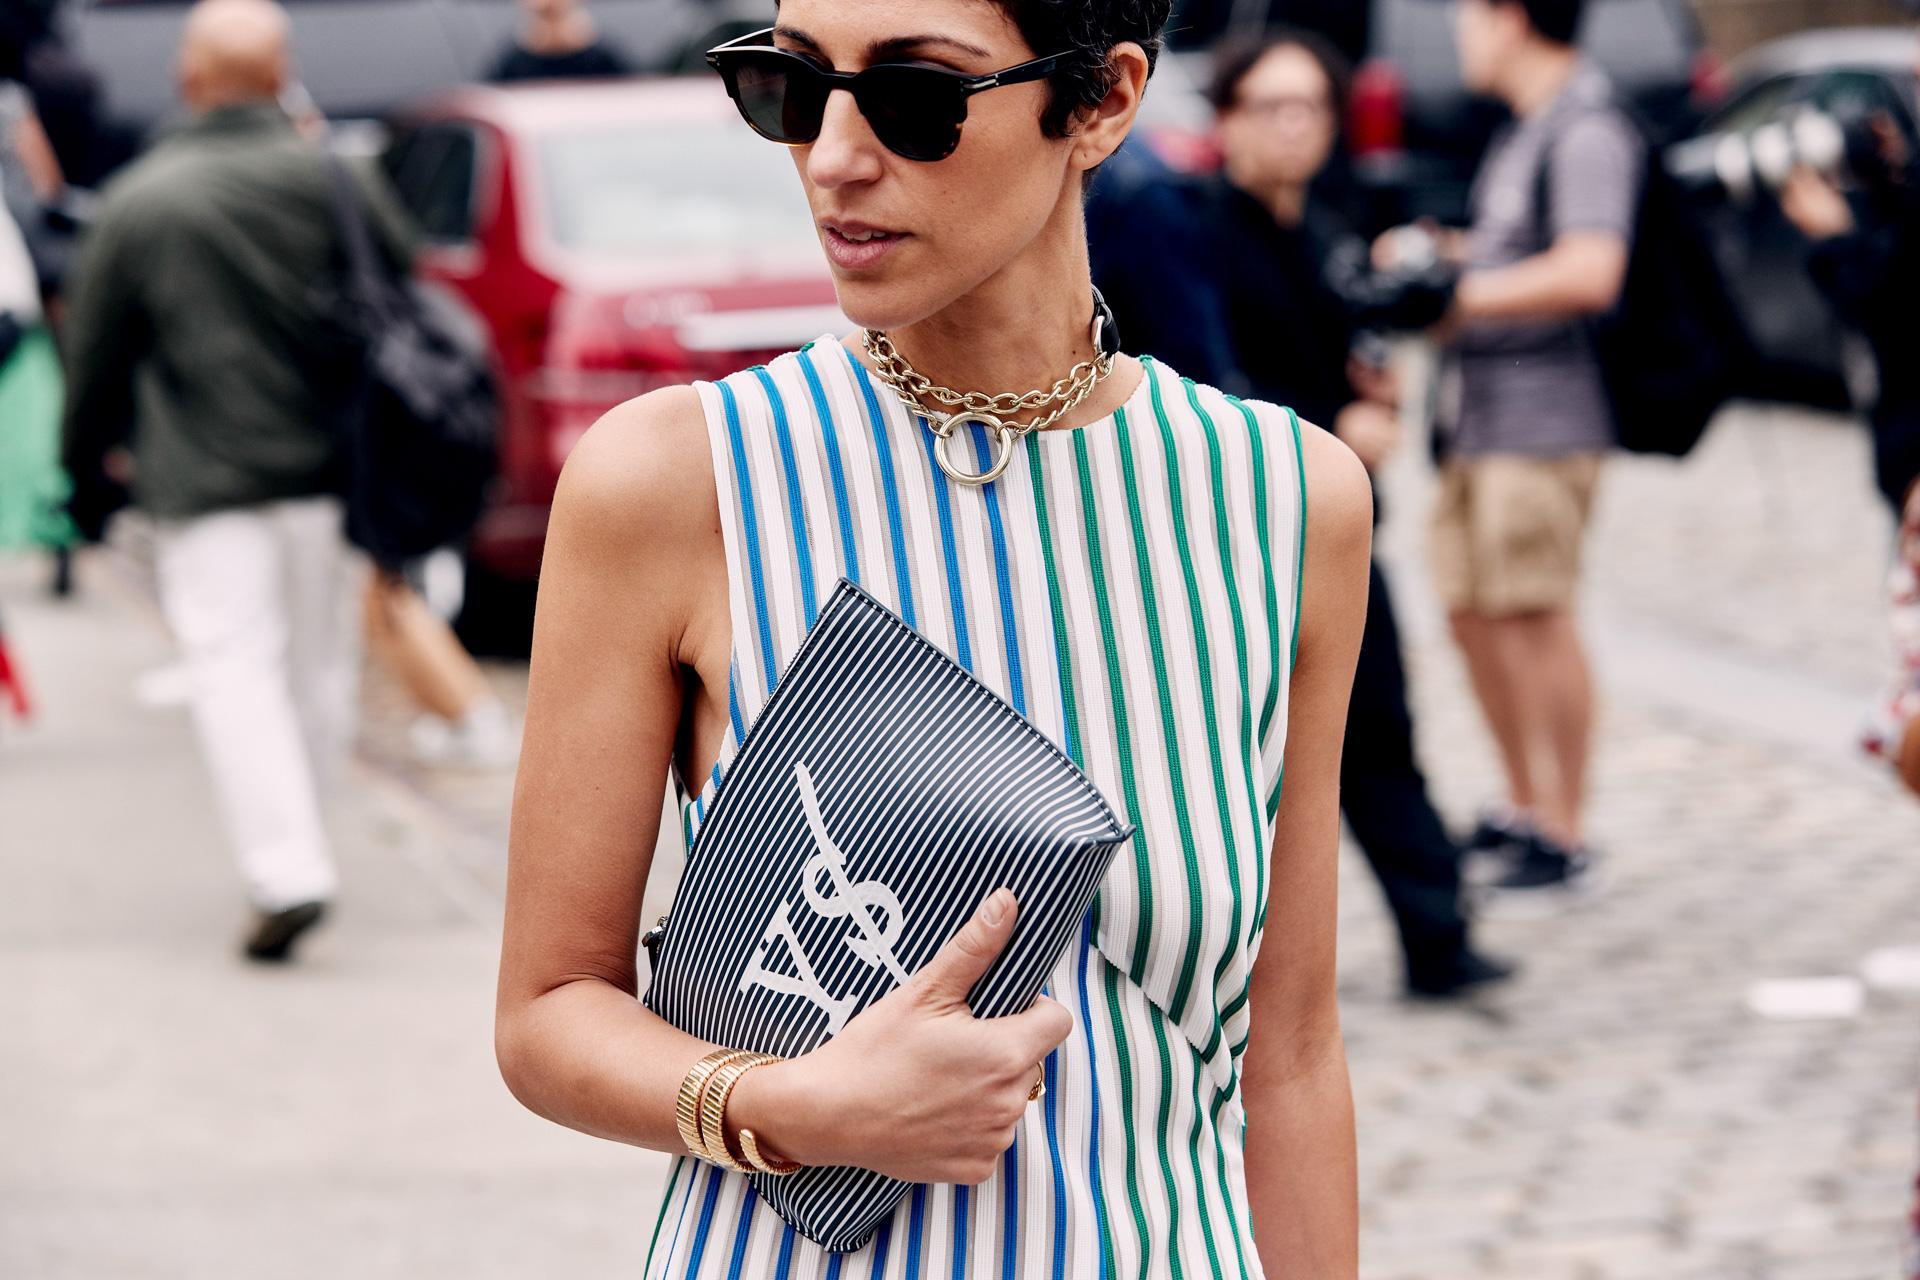 Trang phục kẻ sọc maximalism cho thời trang cung hoàng đạo bảo bình